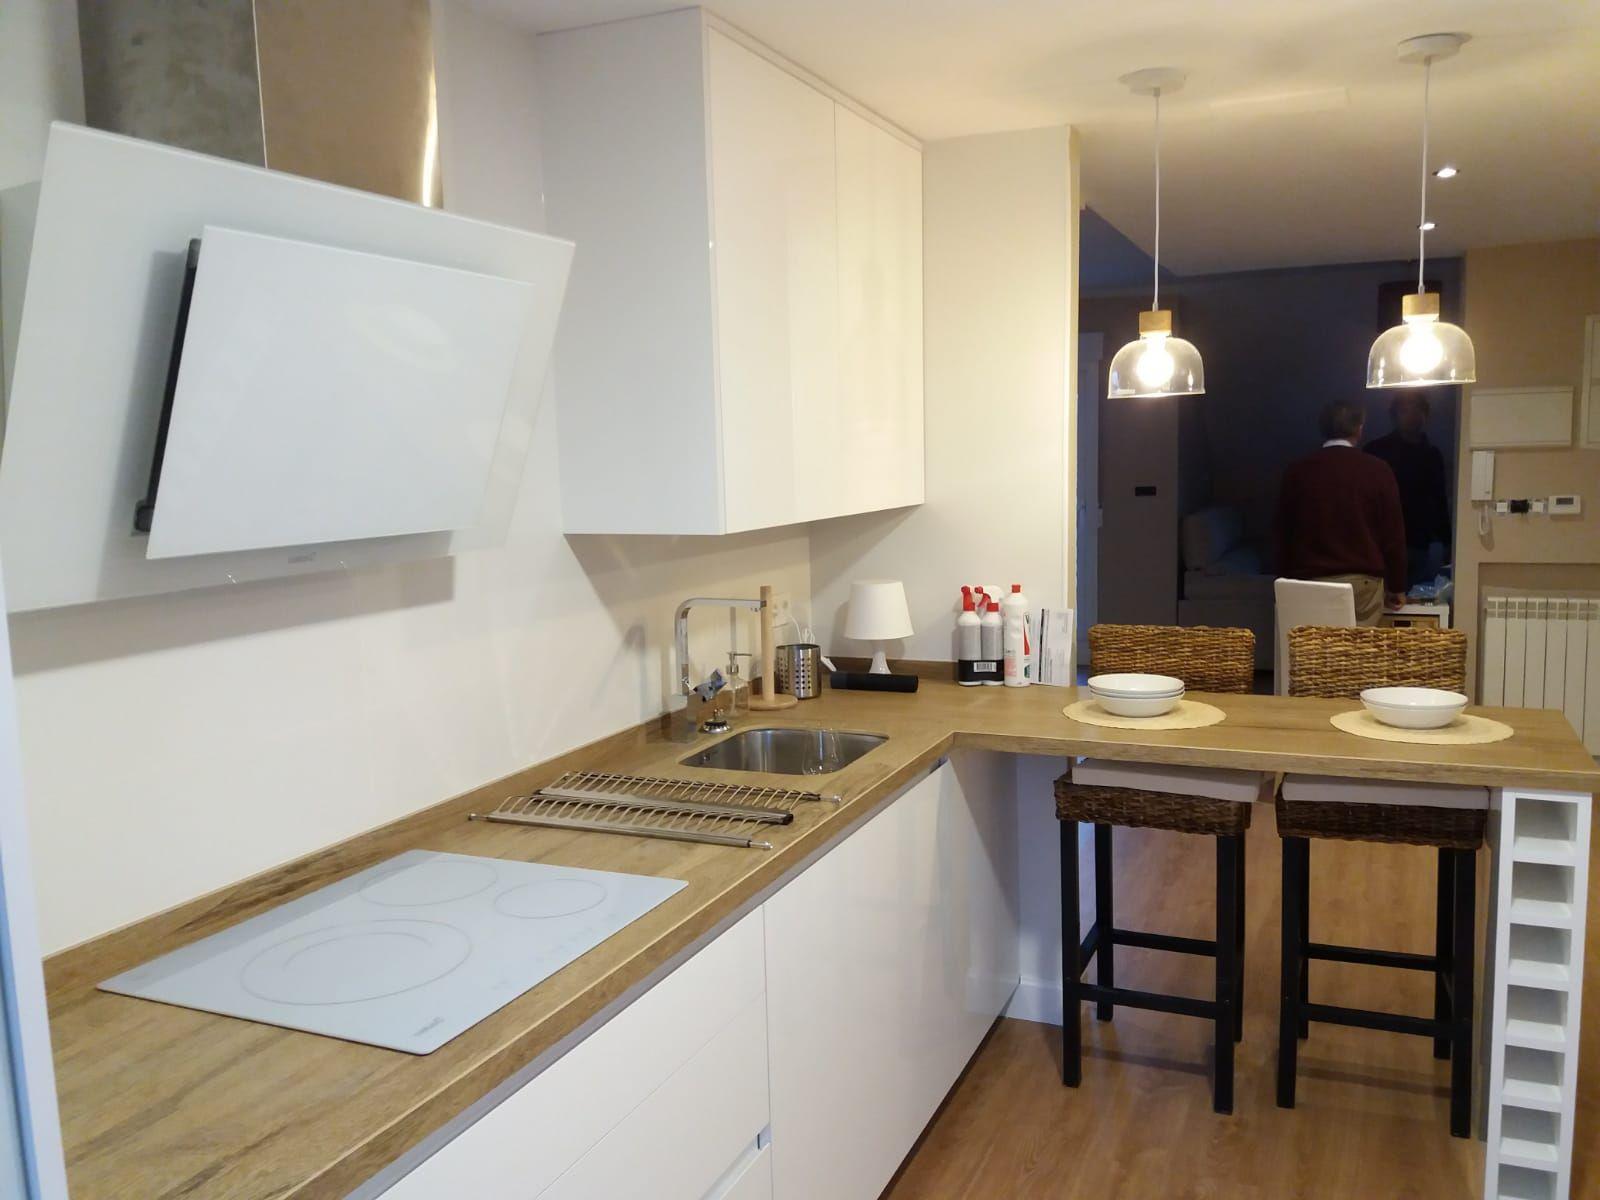 Muebles de cocina y baño Granada